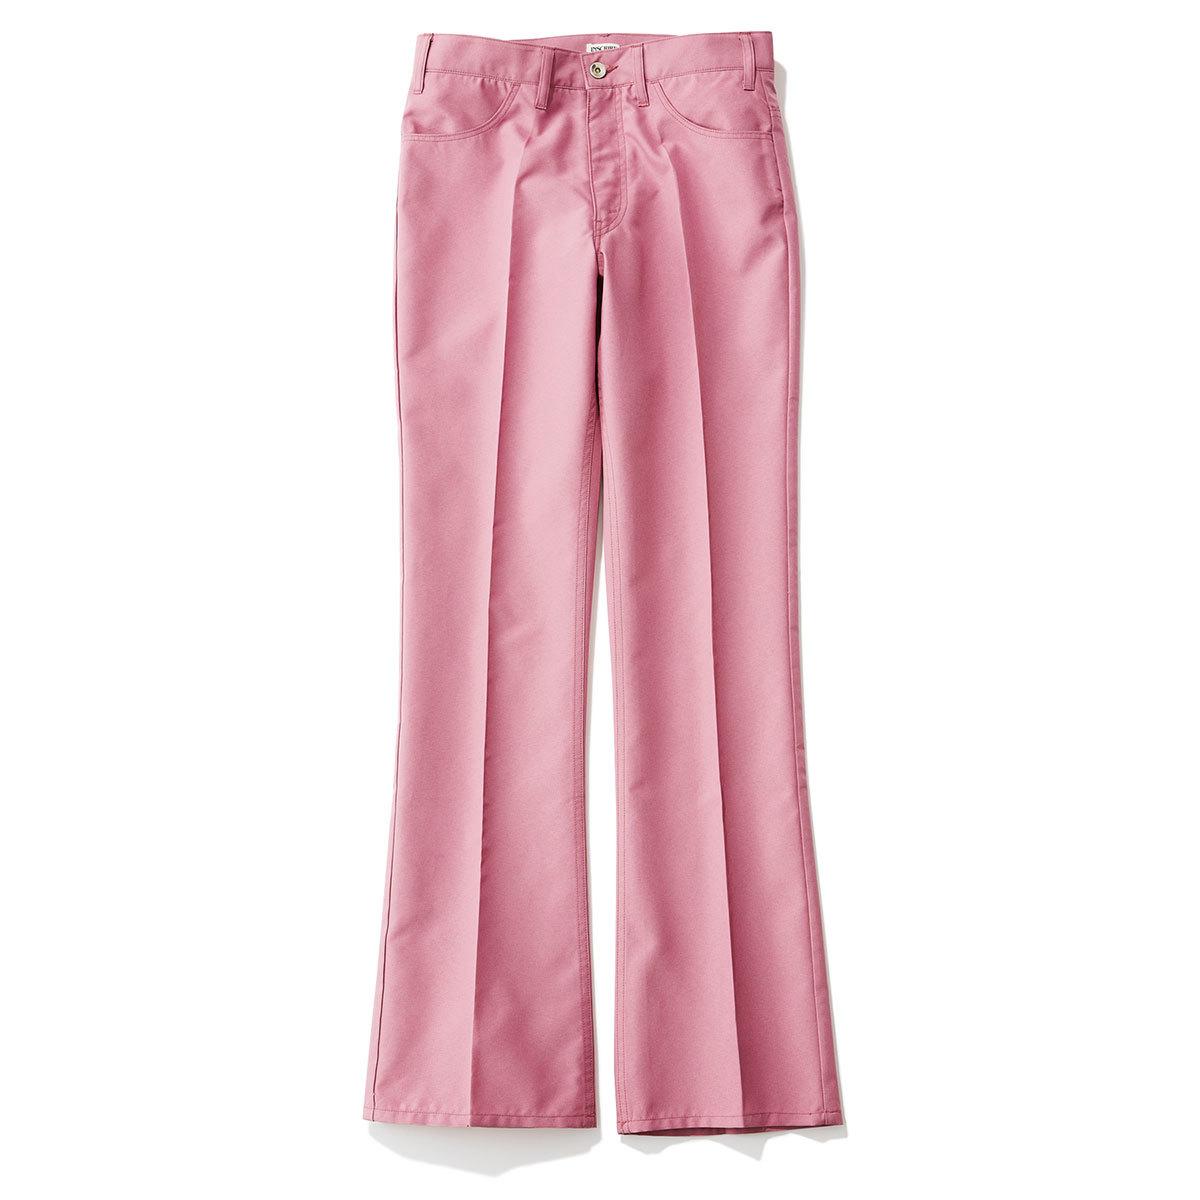 40代ファッション2019年夏のお買い物_ピンクフレアパンツのINSCRIRE